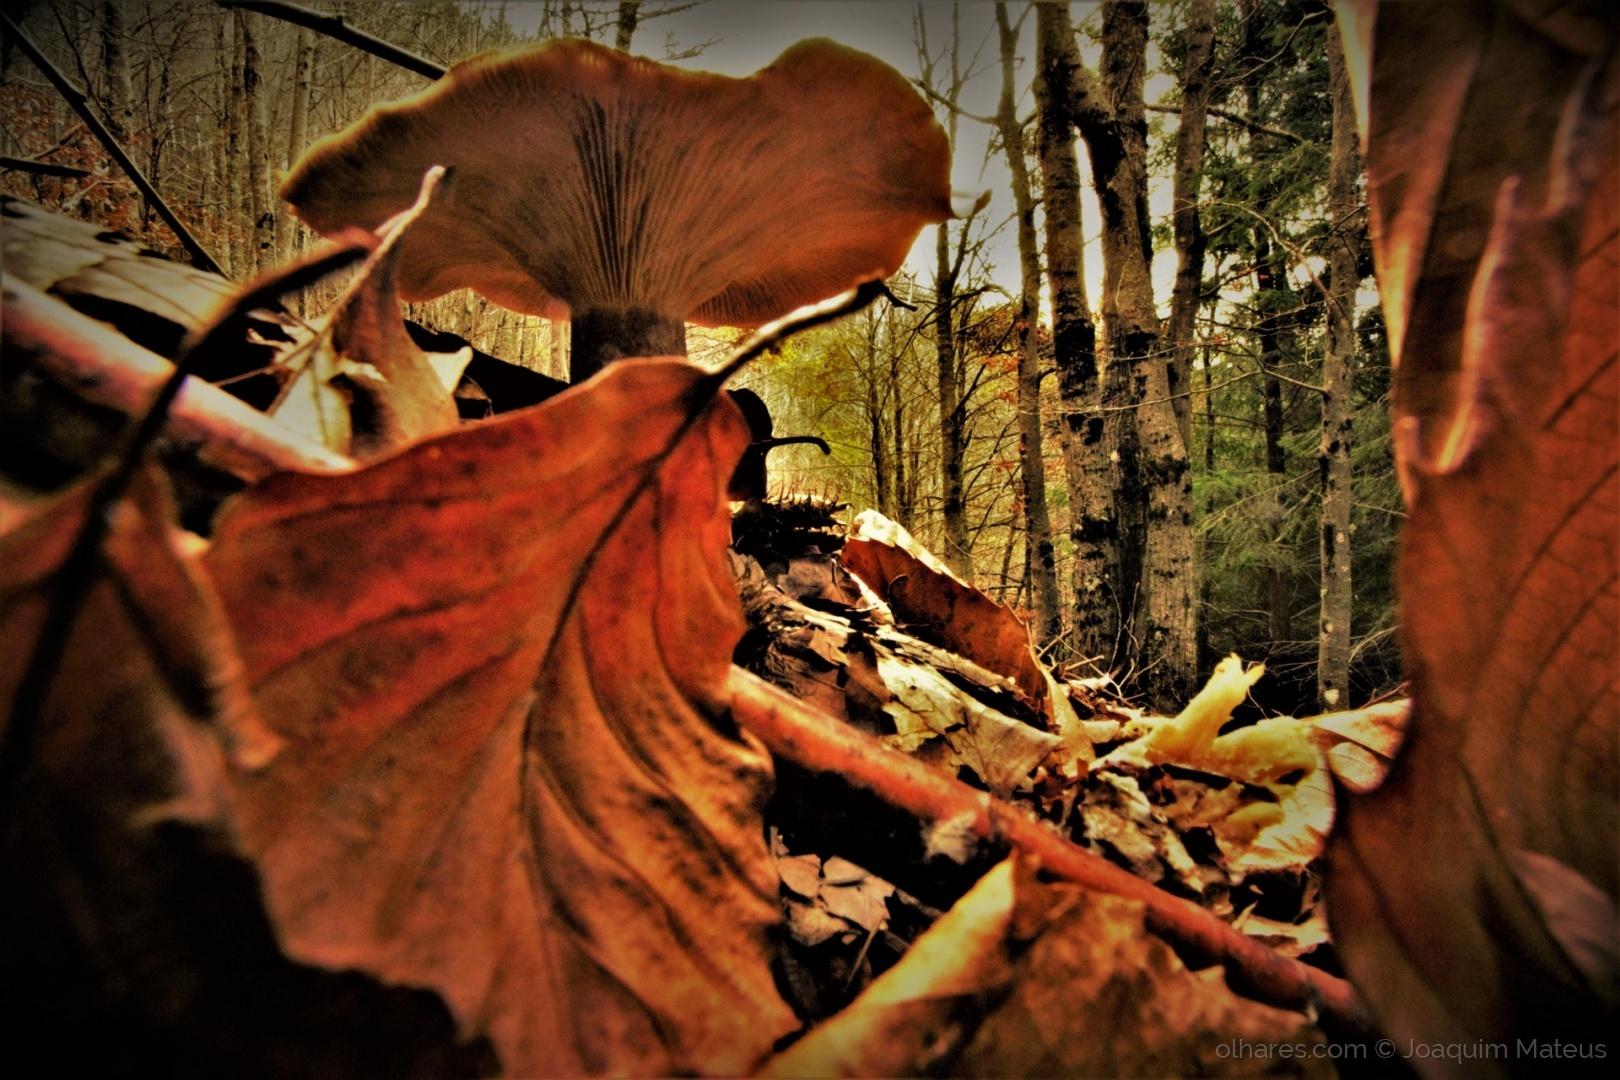 Paisagem Natural/Outono/Inverno